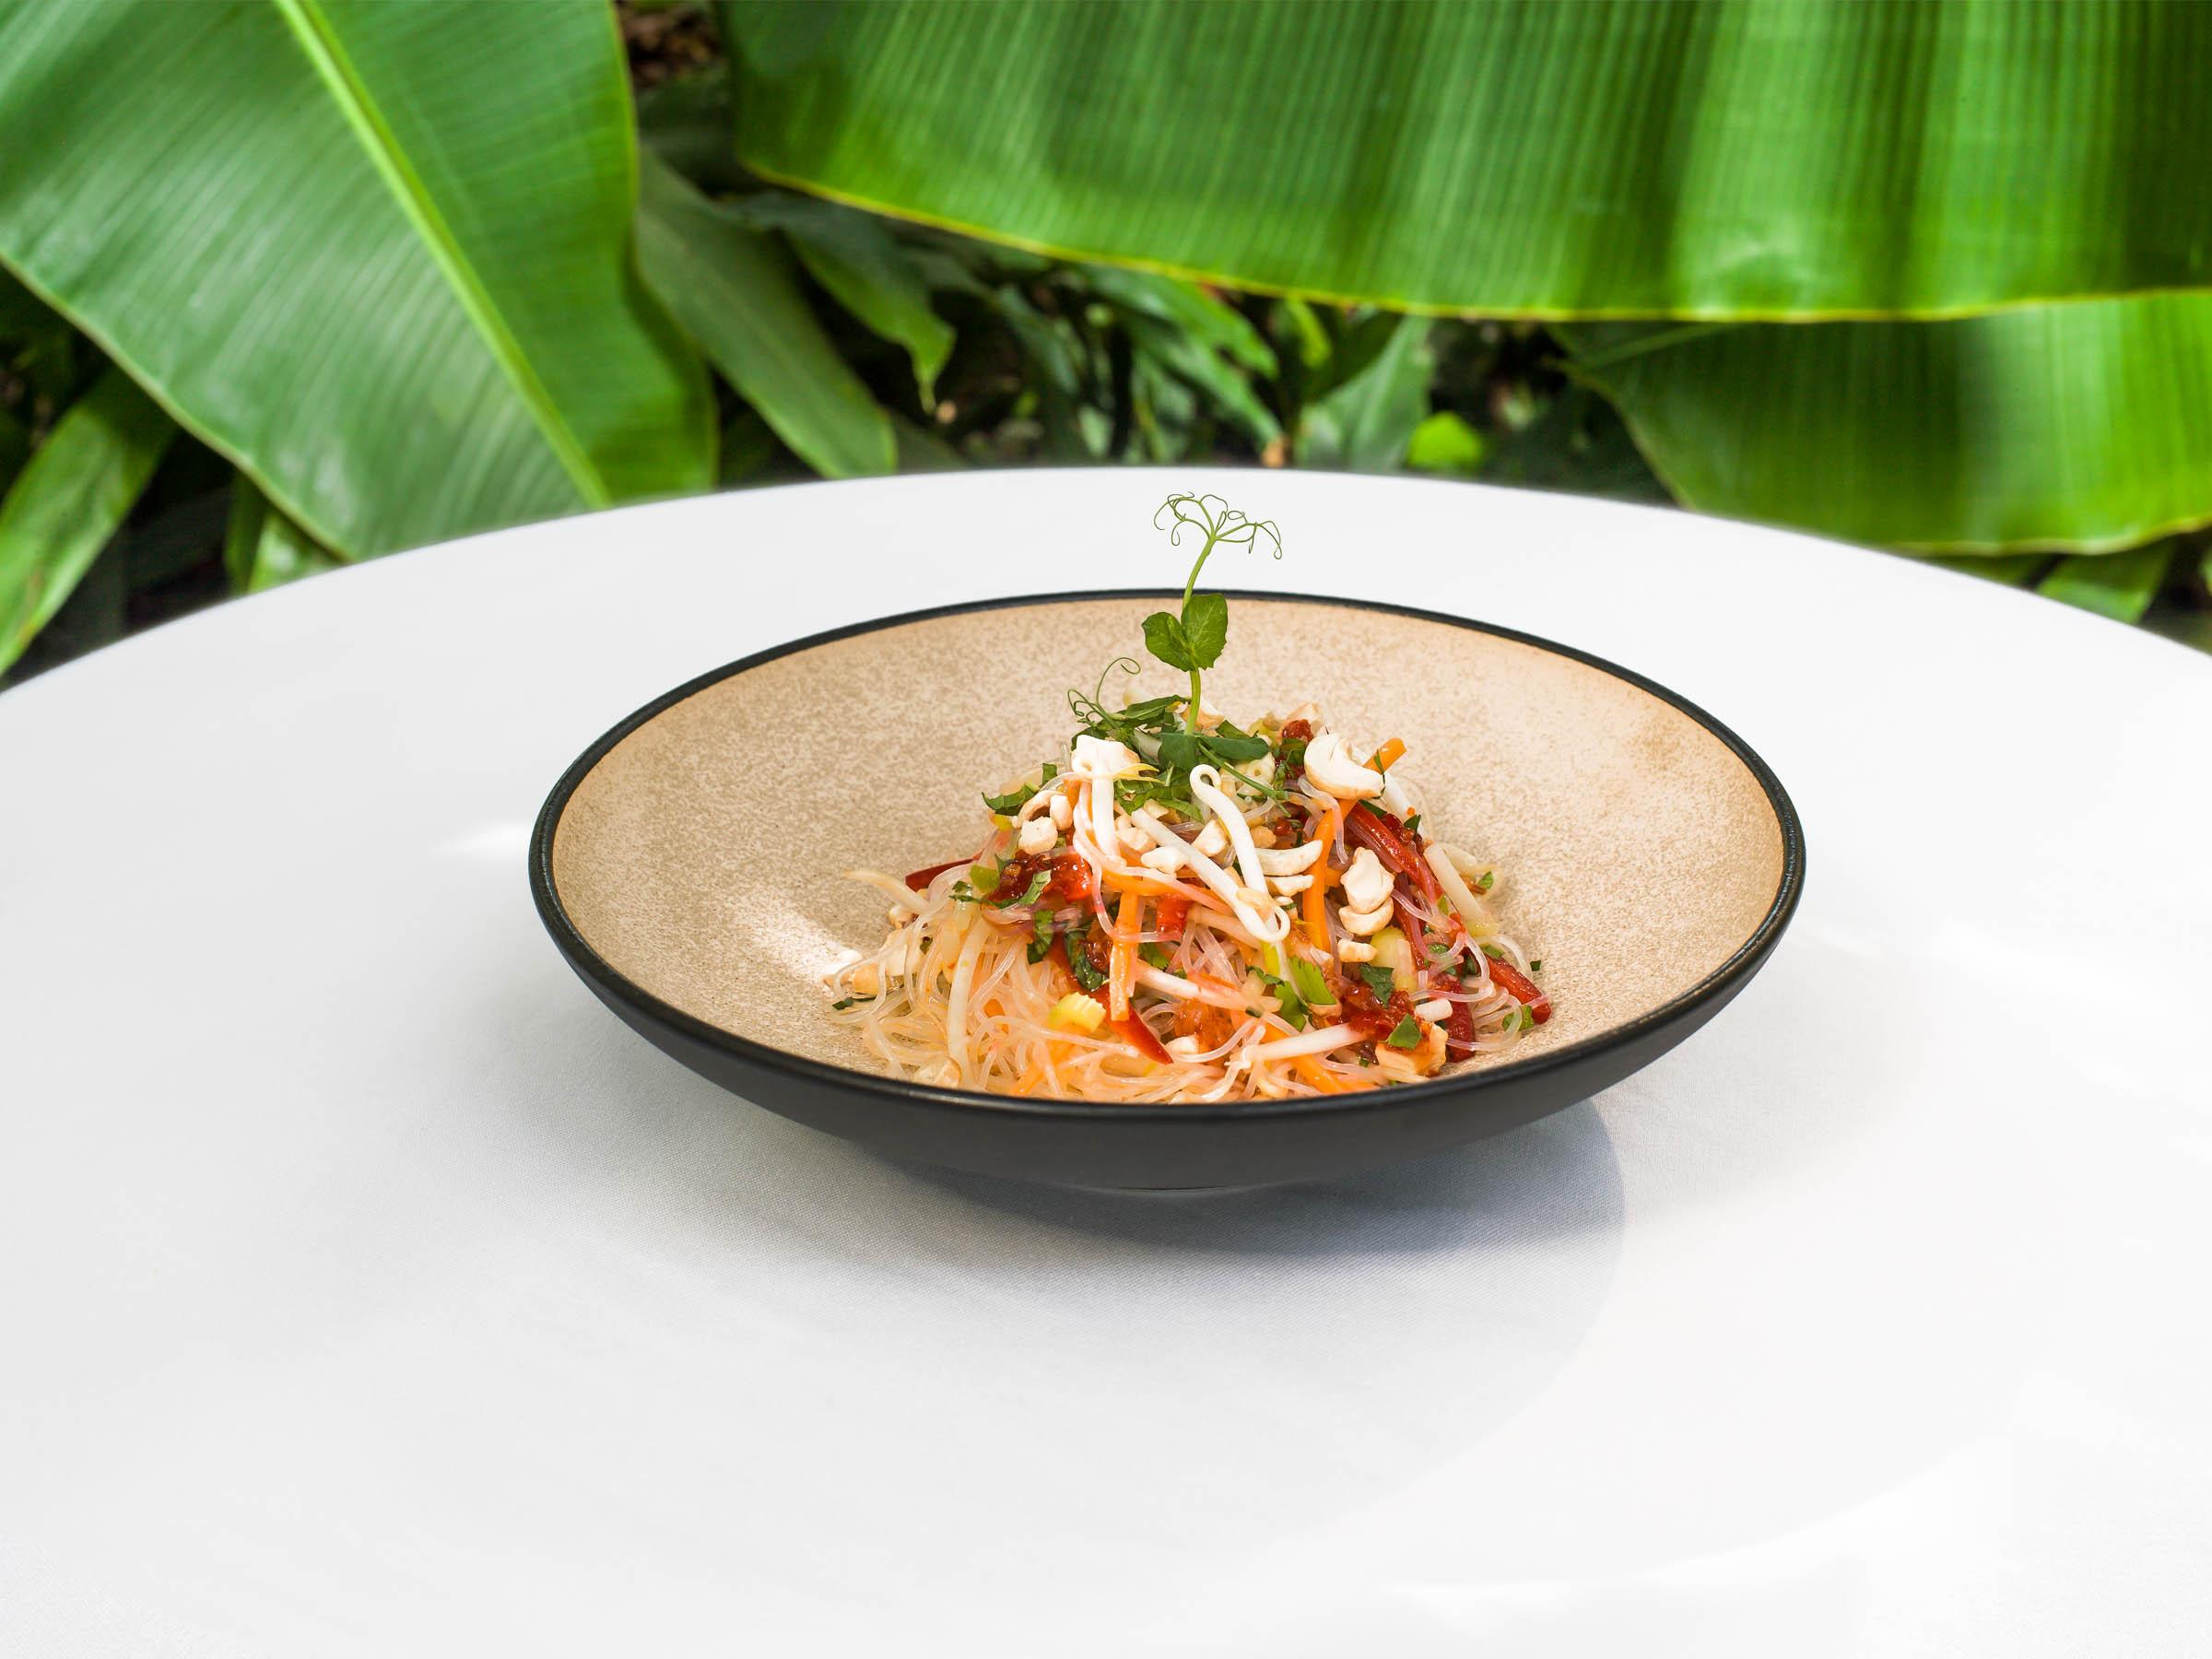 Lecker und exotisch zugleich: Glasnudelsalat mit Karotten, Sellerie, Mungosprossen, Cashewkerne – angereichert mit Süsser Chili-Sauce vom Tropenhaus.